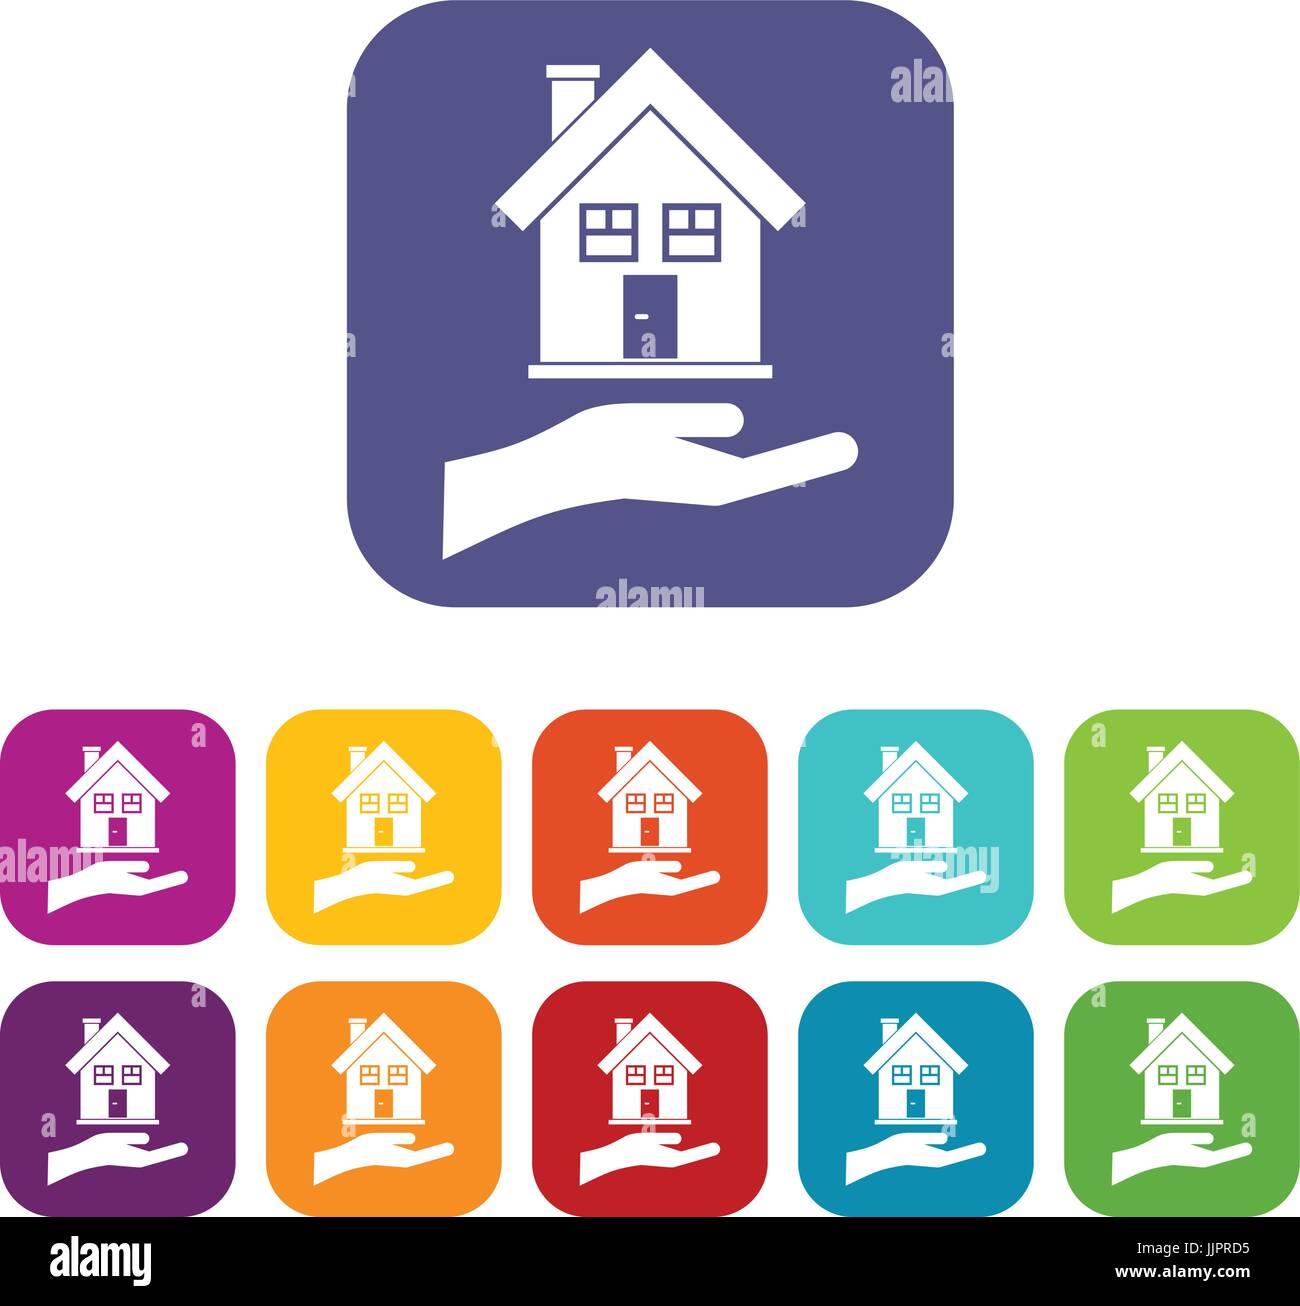 Hand holding house icons set - Stock Image